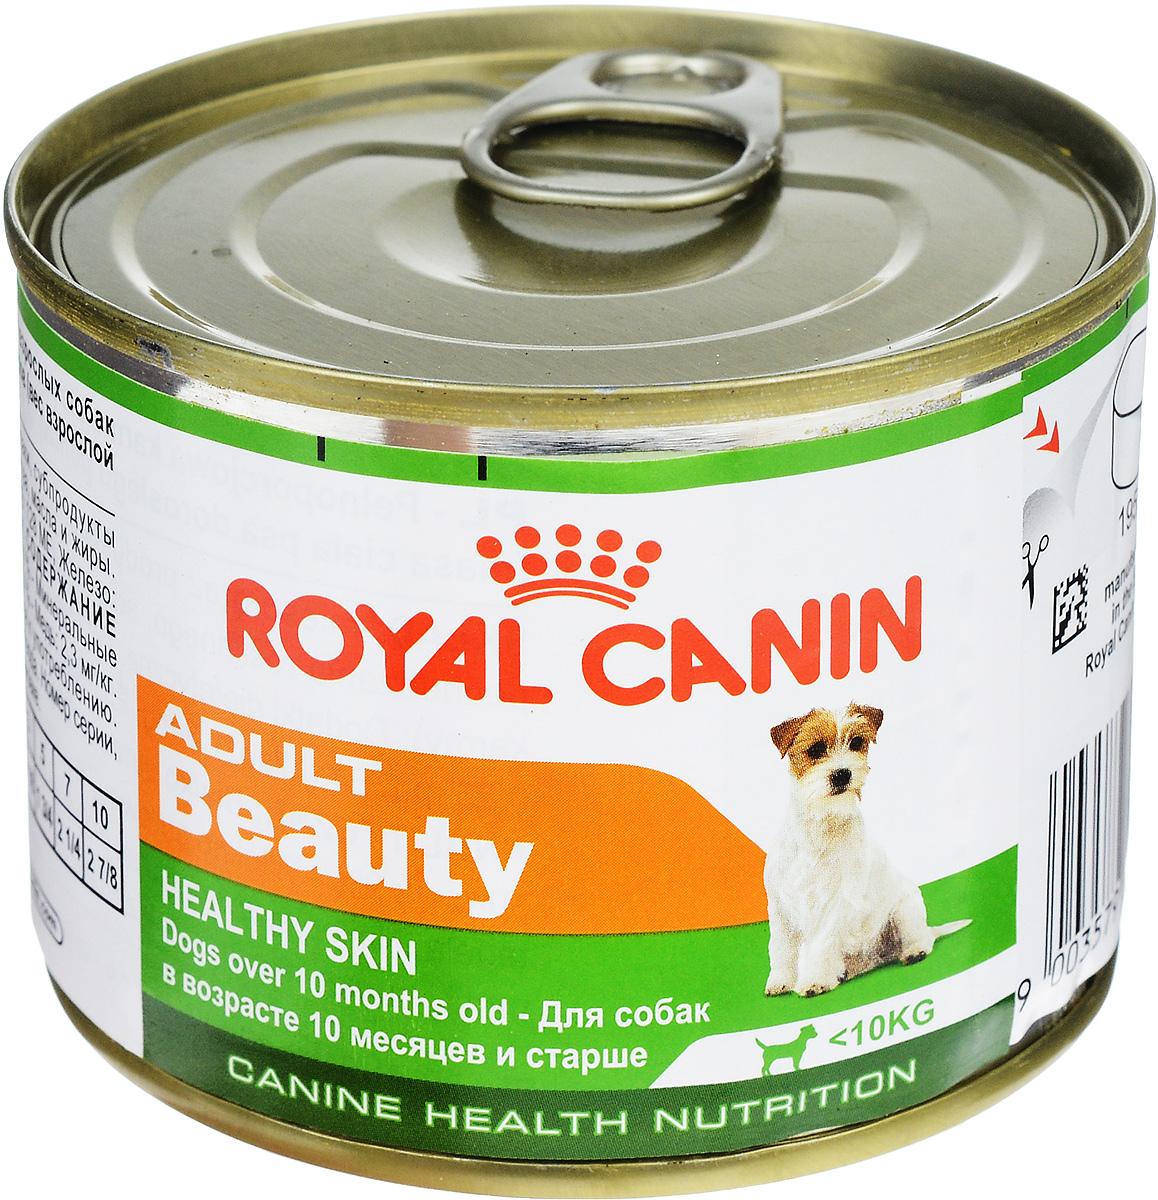 Консервы Royal Canin Adult Beauty, для собак в возрасте 10 месяцев и старше, 195 г49335Консервы Royal Canin Adult Beauty создан специально для взрослых собак с 10 месяцев и старше, весом до 10 кг. Предназначен для поддержания здоровья шерсти и кожи. Формула Beauty обогащена жирными кислотами и содержит специальный защитный комплекс. Состав: мясо и мясные субпродукты, злаки, субпродукты растительного происхождения, минеральные вещества, масла и жиры. Гарантированный анализ: белки - 9,6 %, жиры - 6,4 %, минеральные вещества - 2 %, клетчатка пищевая - 2 %, влажность - 74 %, медь - 2,3 мг/кг. Добавки (в 1 кг): витамин D3: 128 ME, железо - 15 мг, йод - 0,25 мг, марганец - 4,4 мг, цинк - 43 мг. Товар сертифицирован.